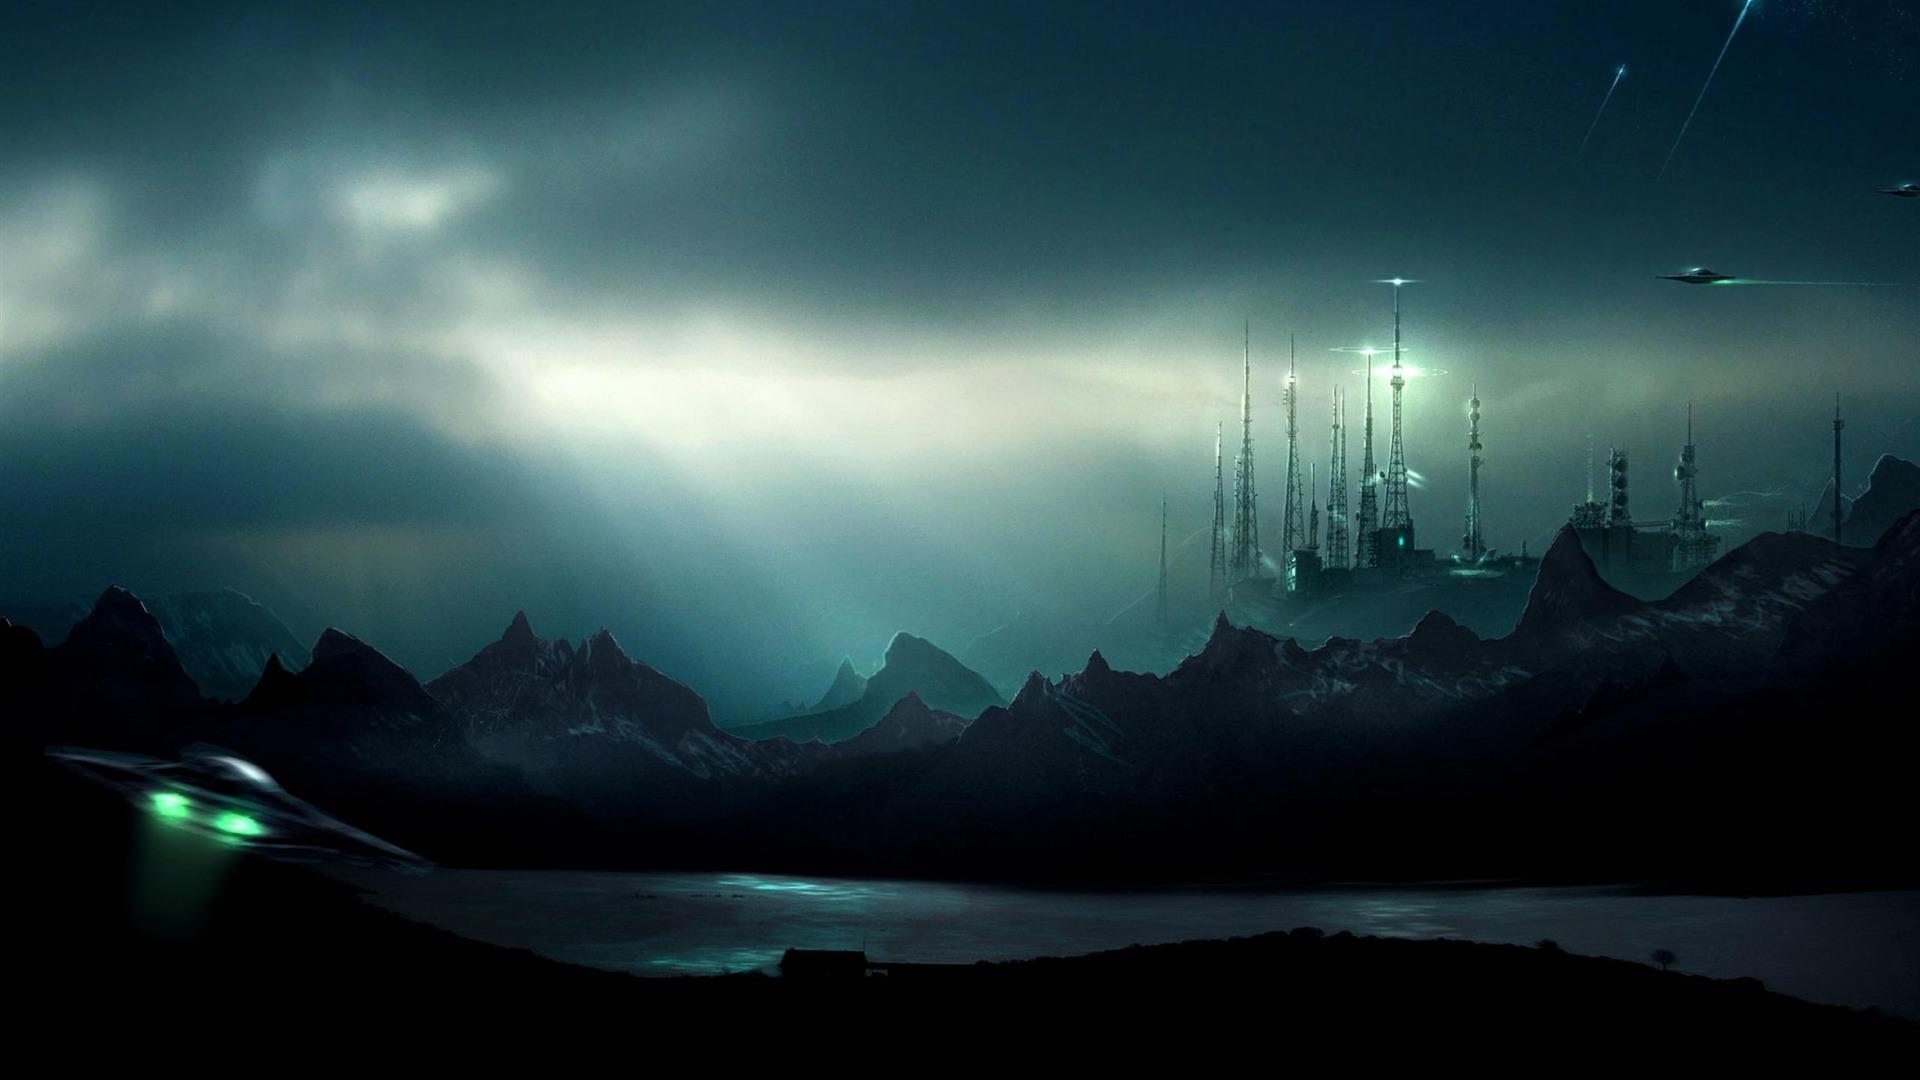 futuriste scifi vallée-fond d'écran Haute Qualité Aperçu